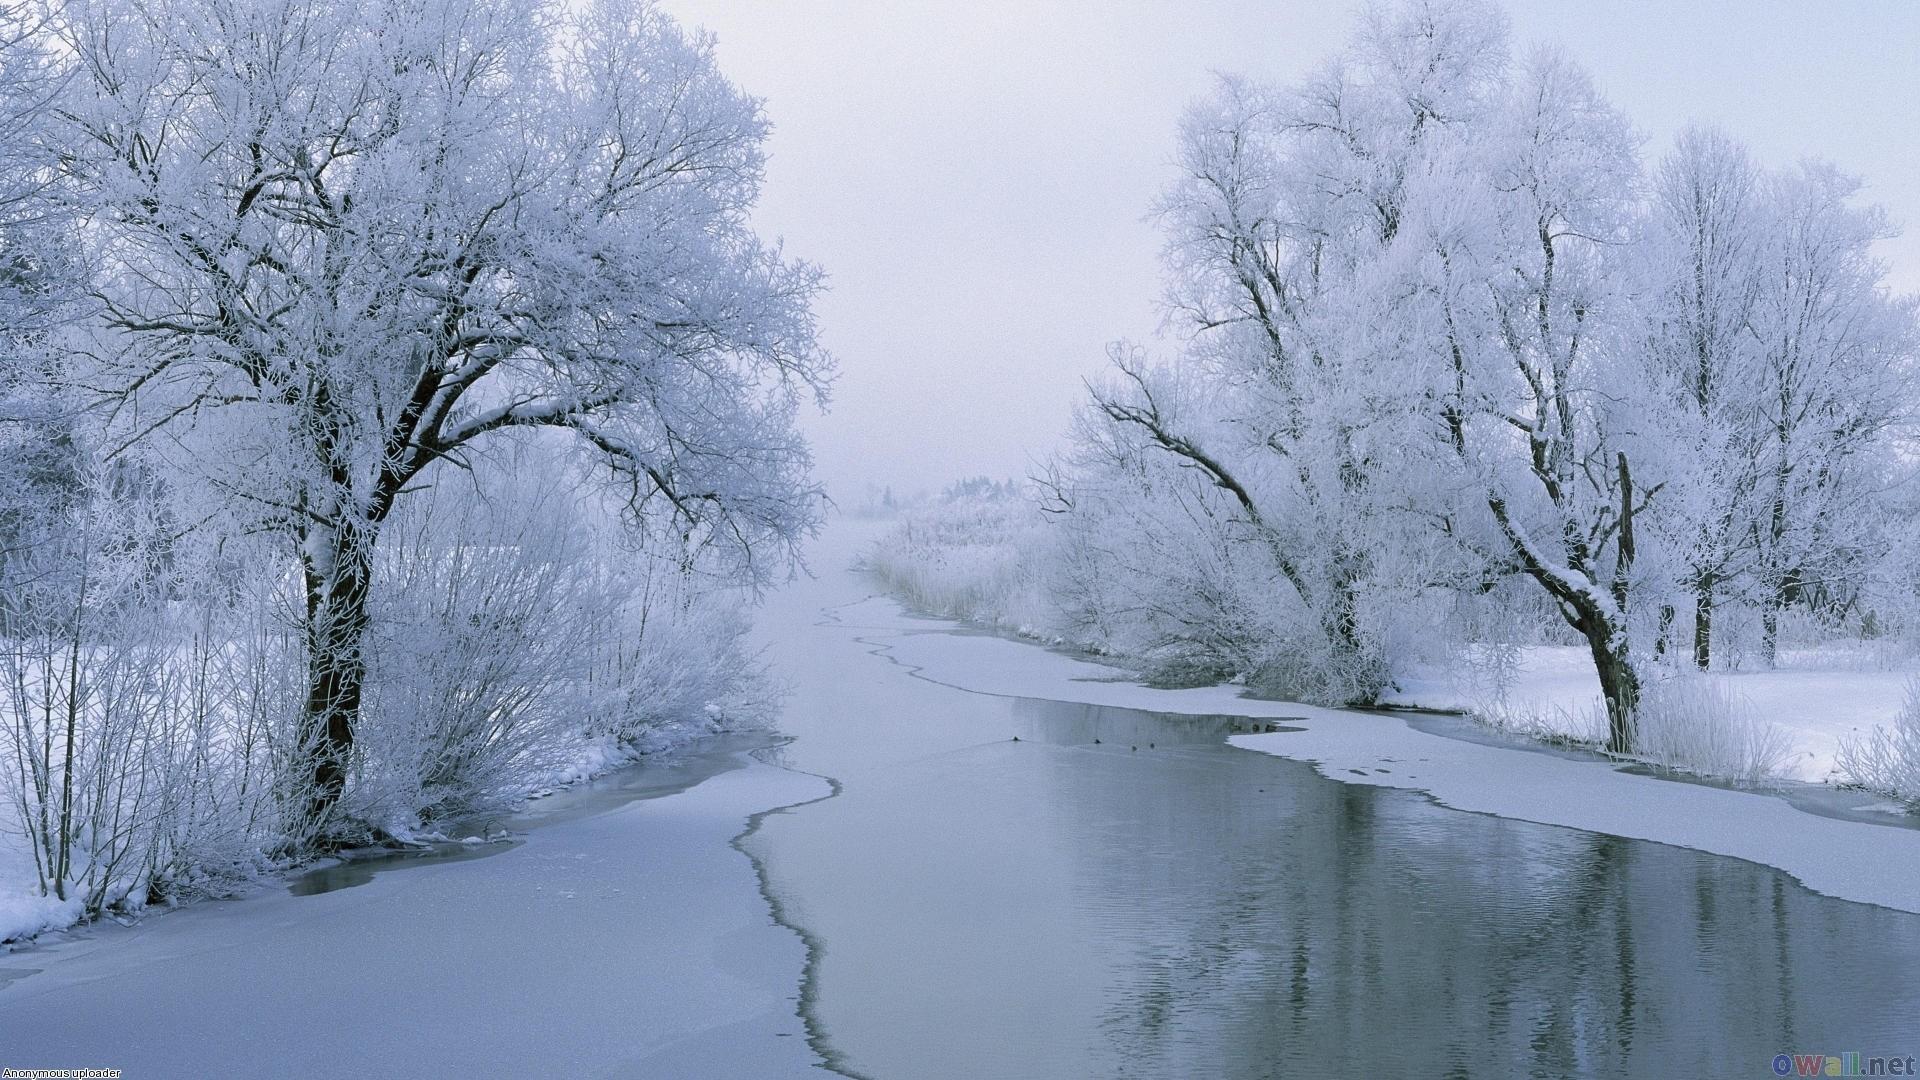 Winter Widescreen Wallpaper